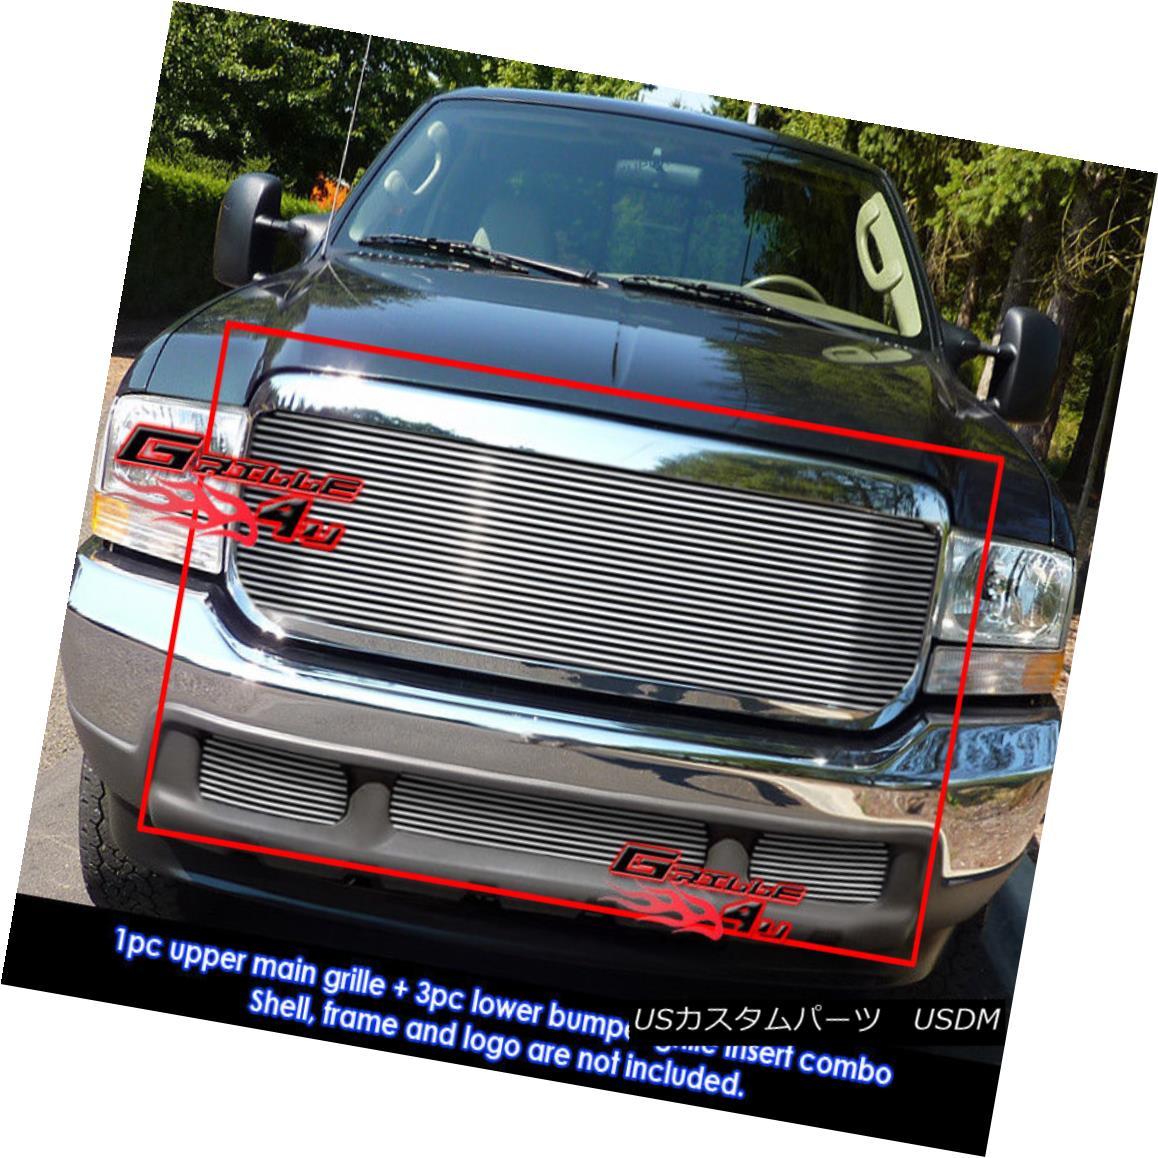 グリル For 99-04 Ford F-250/F-350 Super Duty Billet Grille Combo 99-04フォードF-250 / F-350スーパーデューティービレットグリルコンボ用